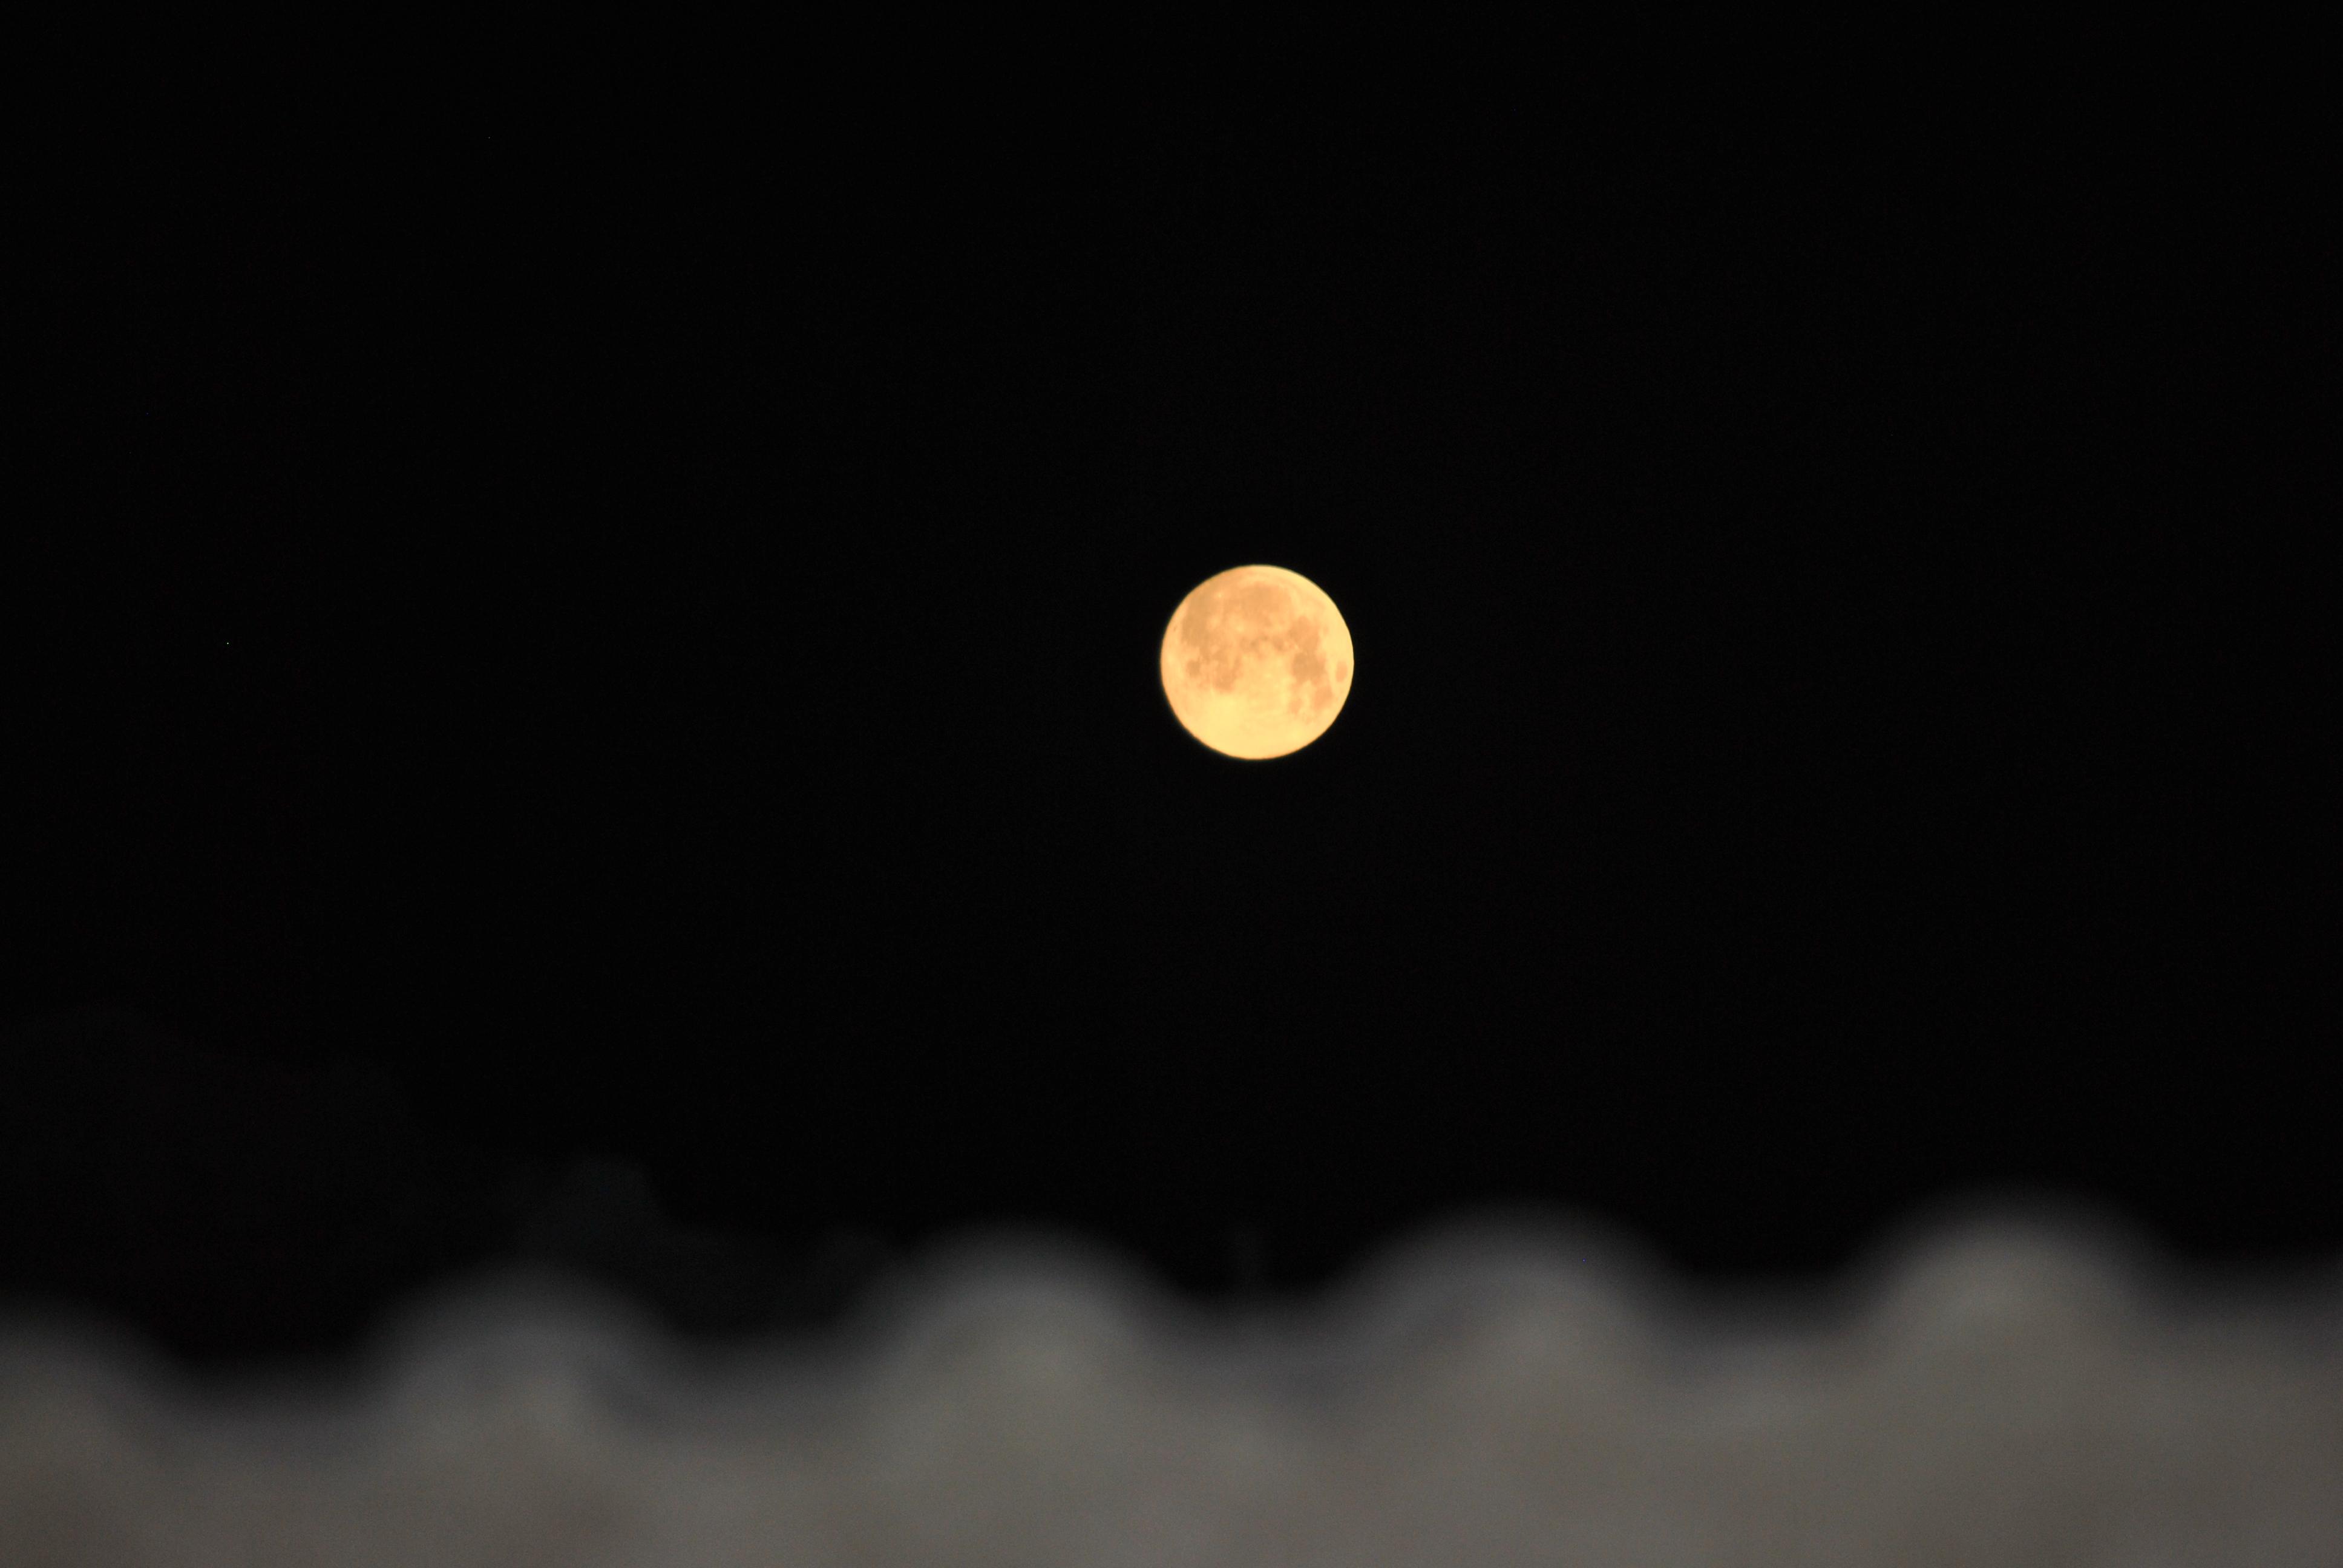 Full Moon, Full, Lunar, Moon, Space, HQ Photo